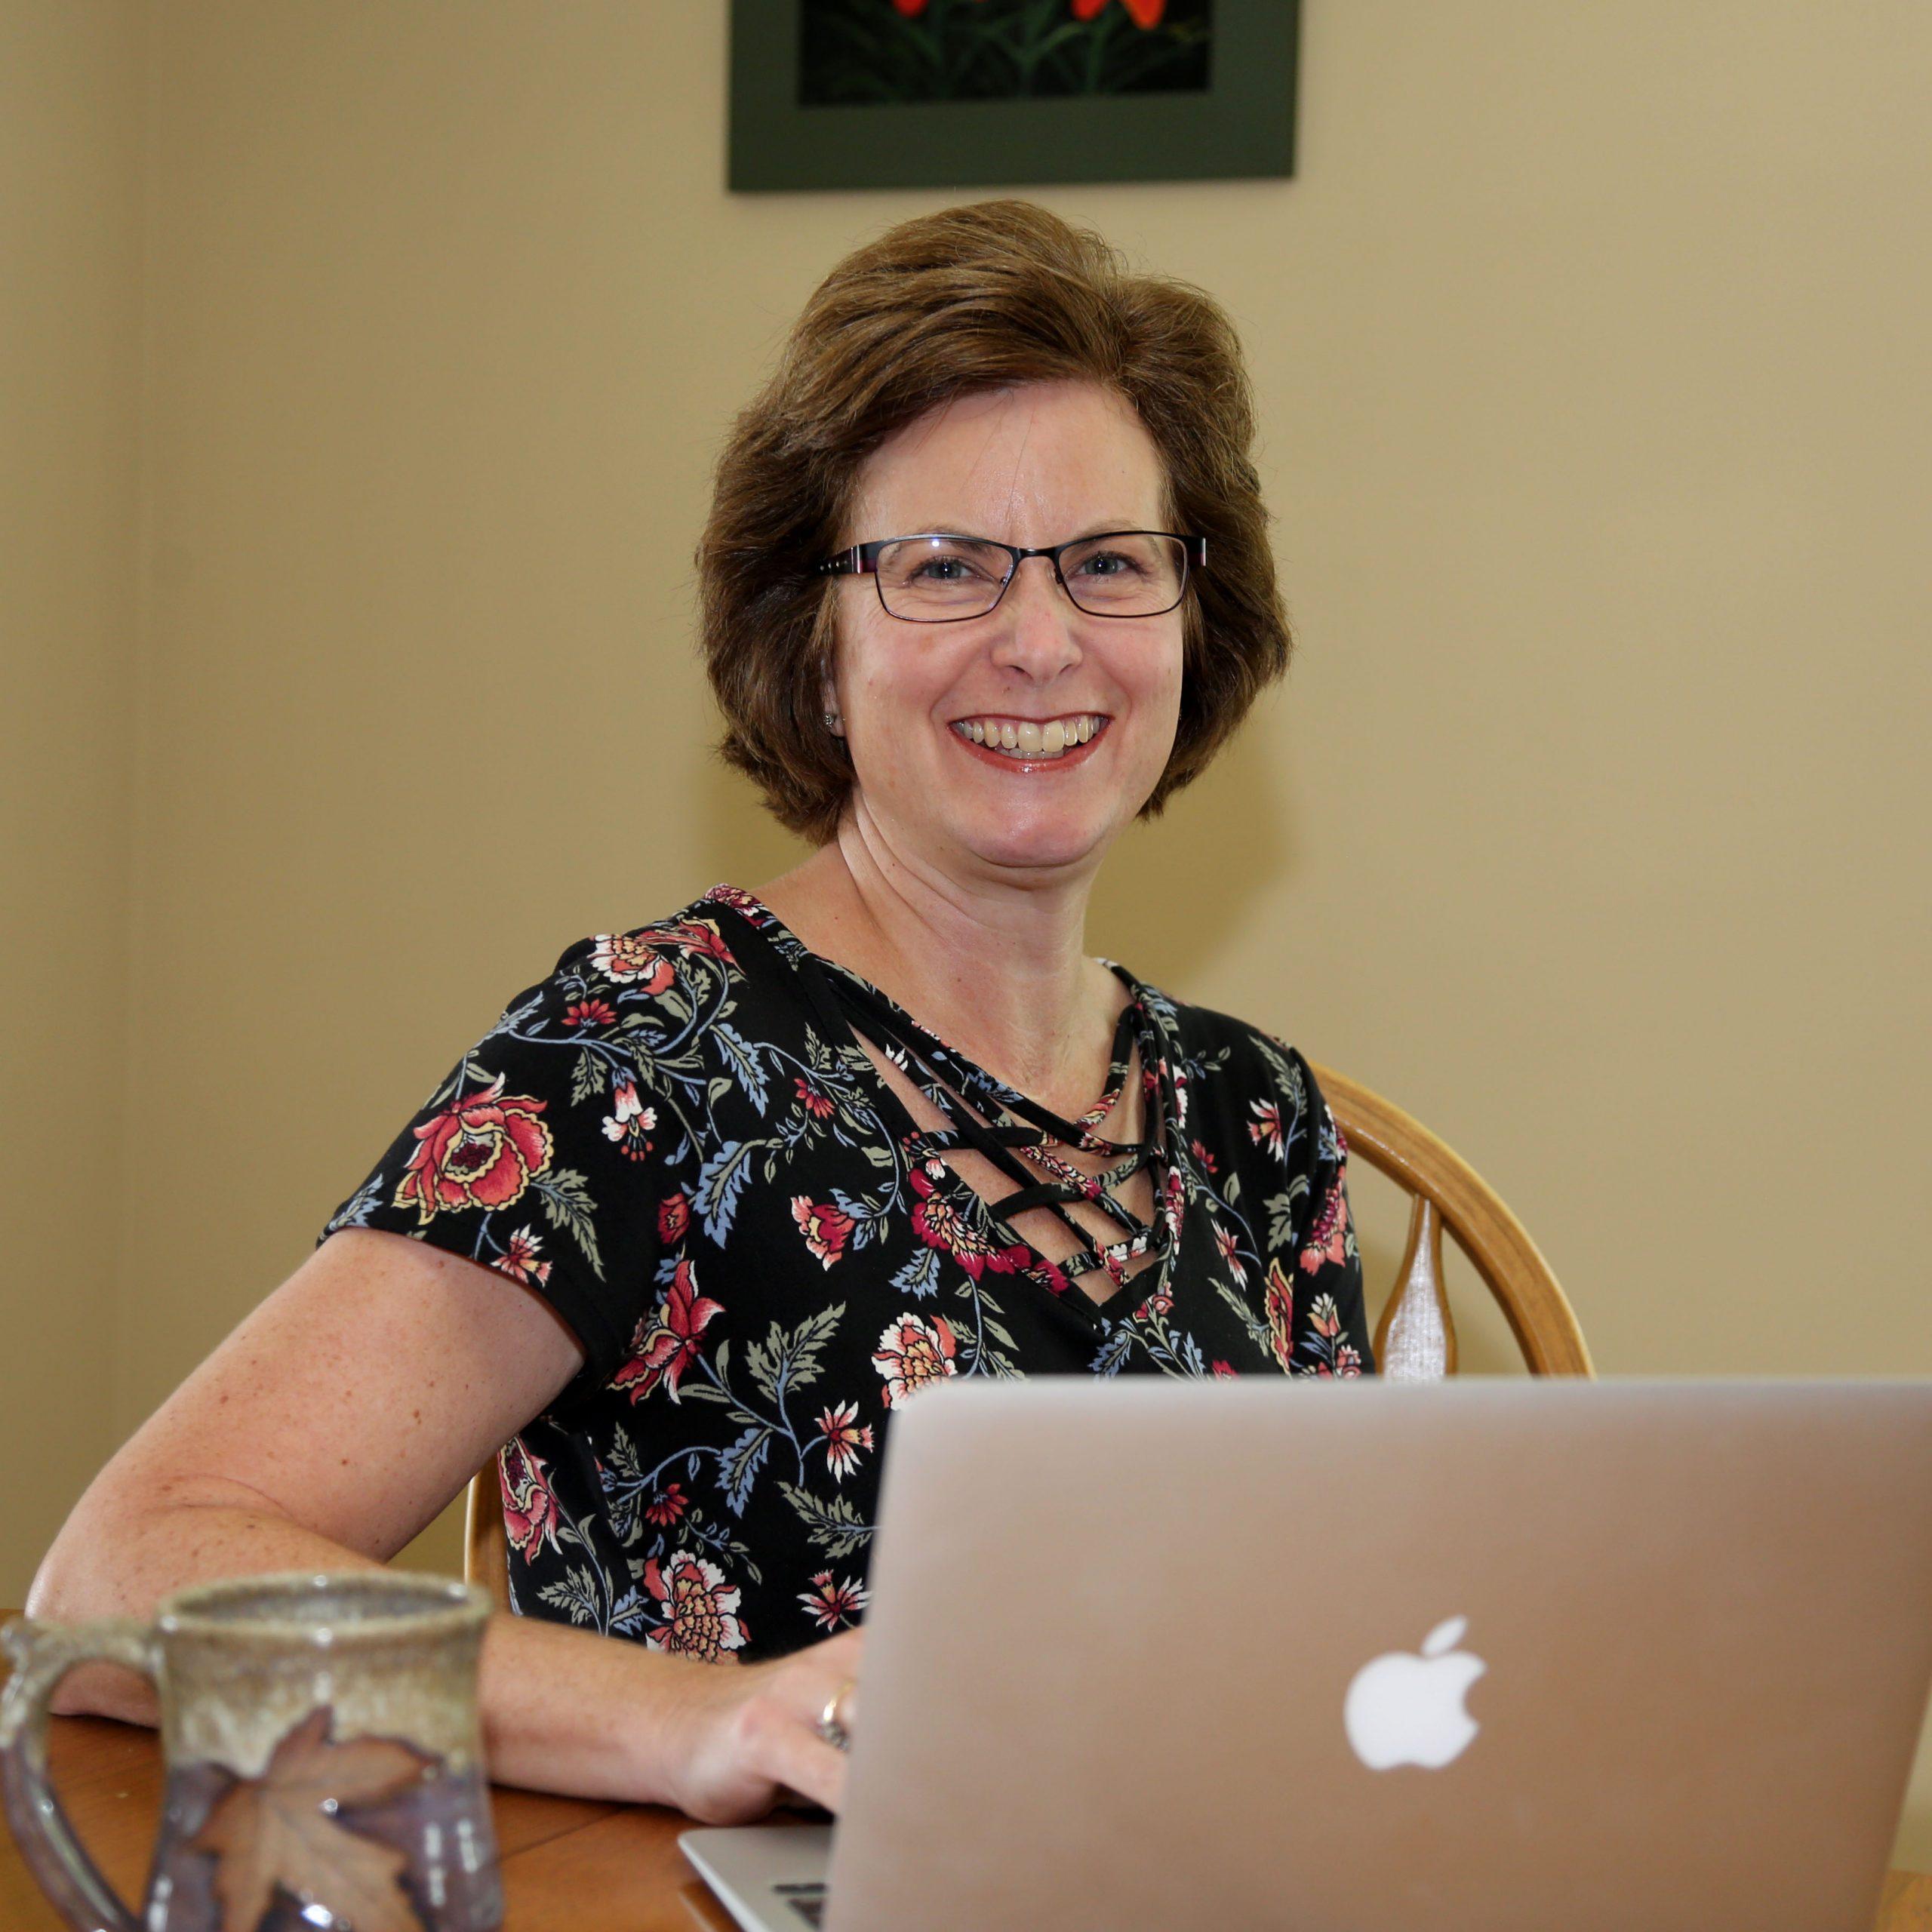 Susan Jerrell